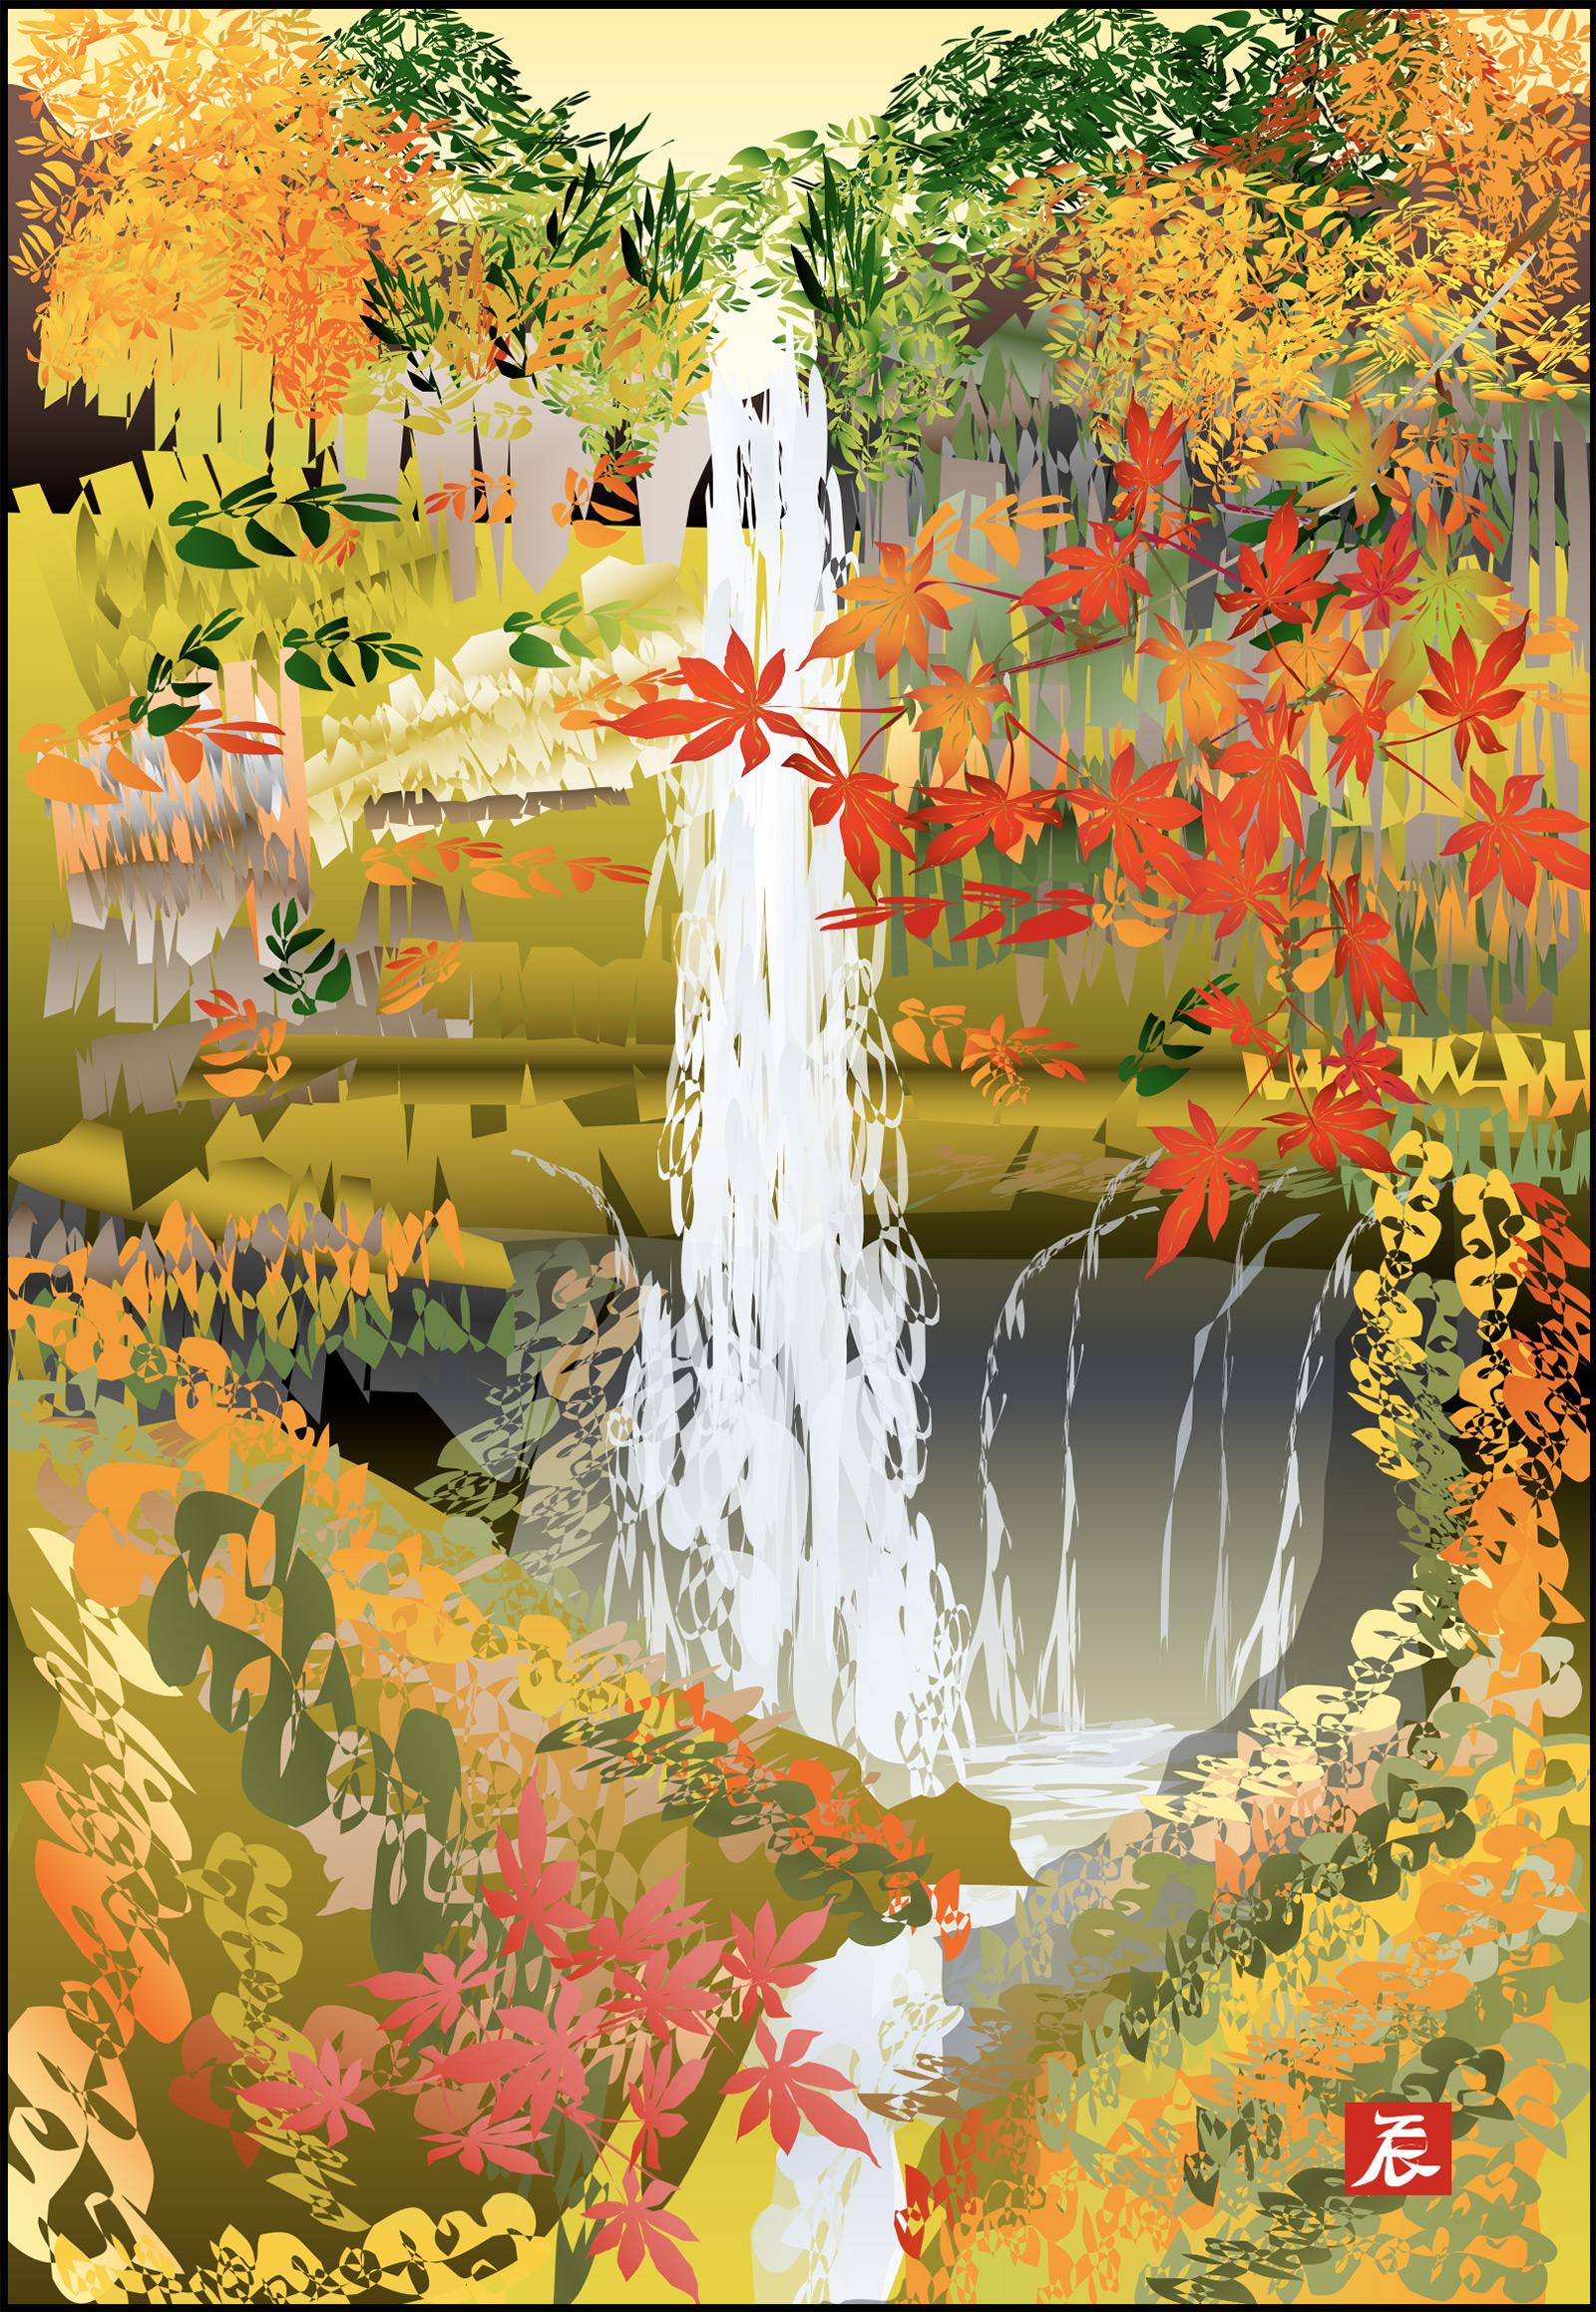 Kegonský vodopád - Tacuo Hirouči (obraz nakreslený v Exceli)